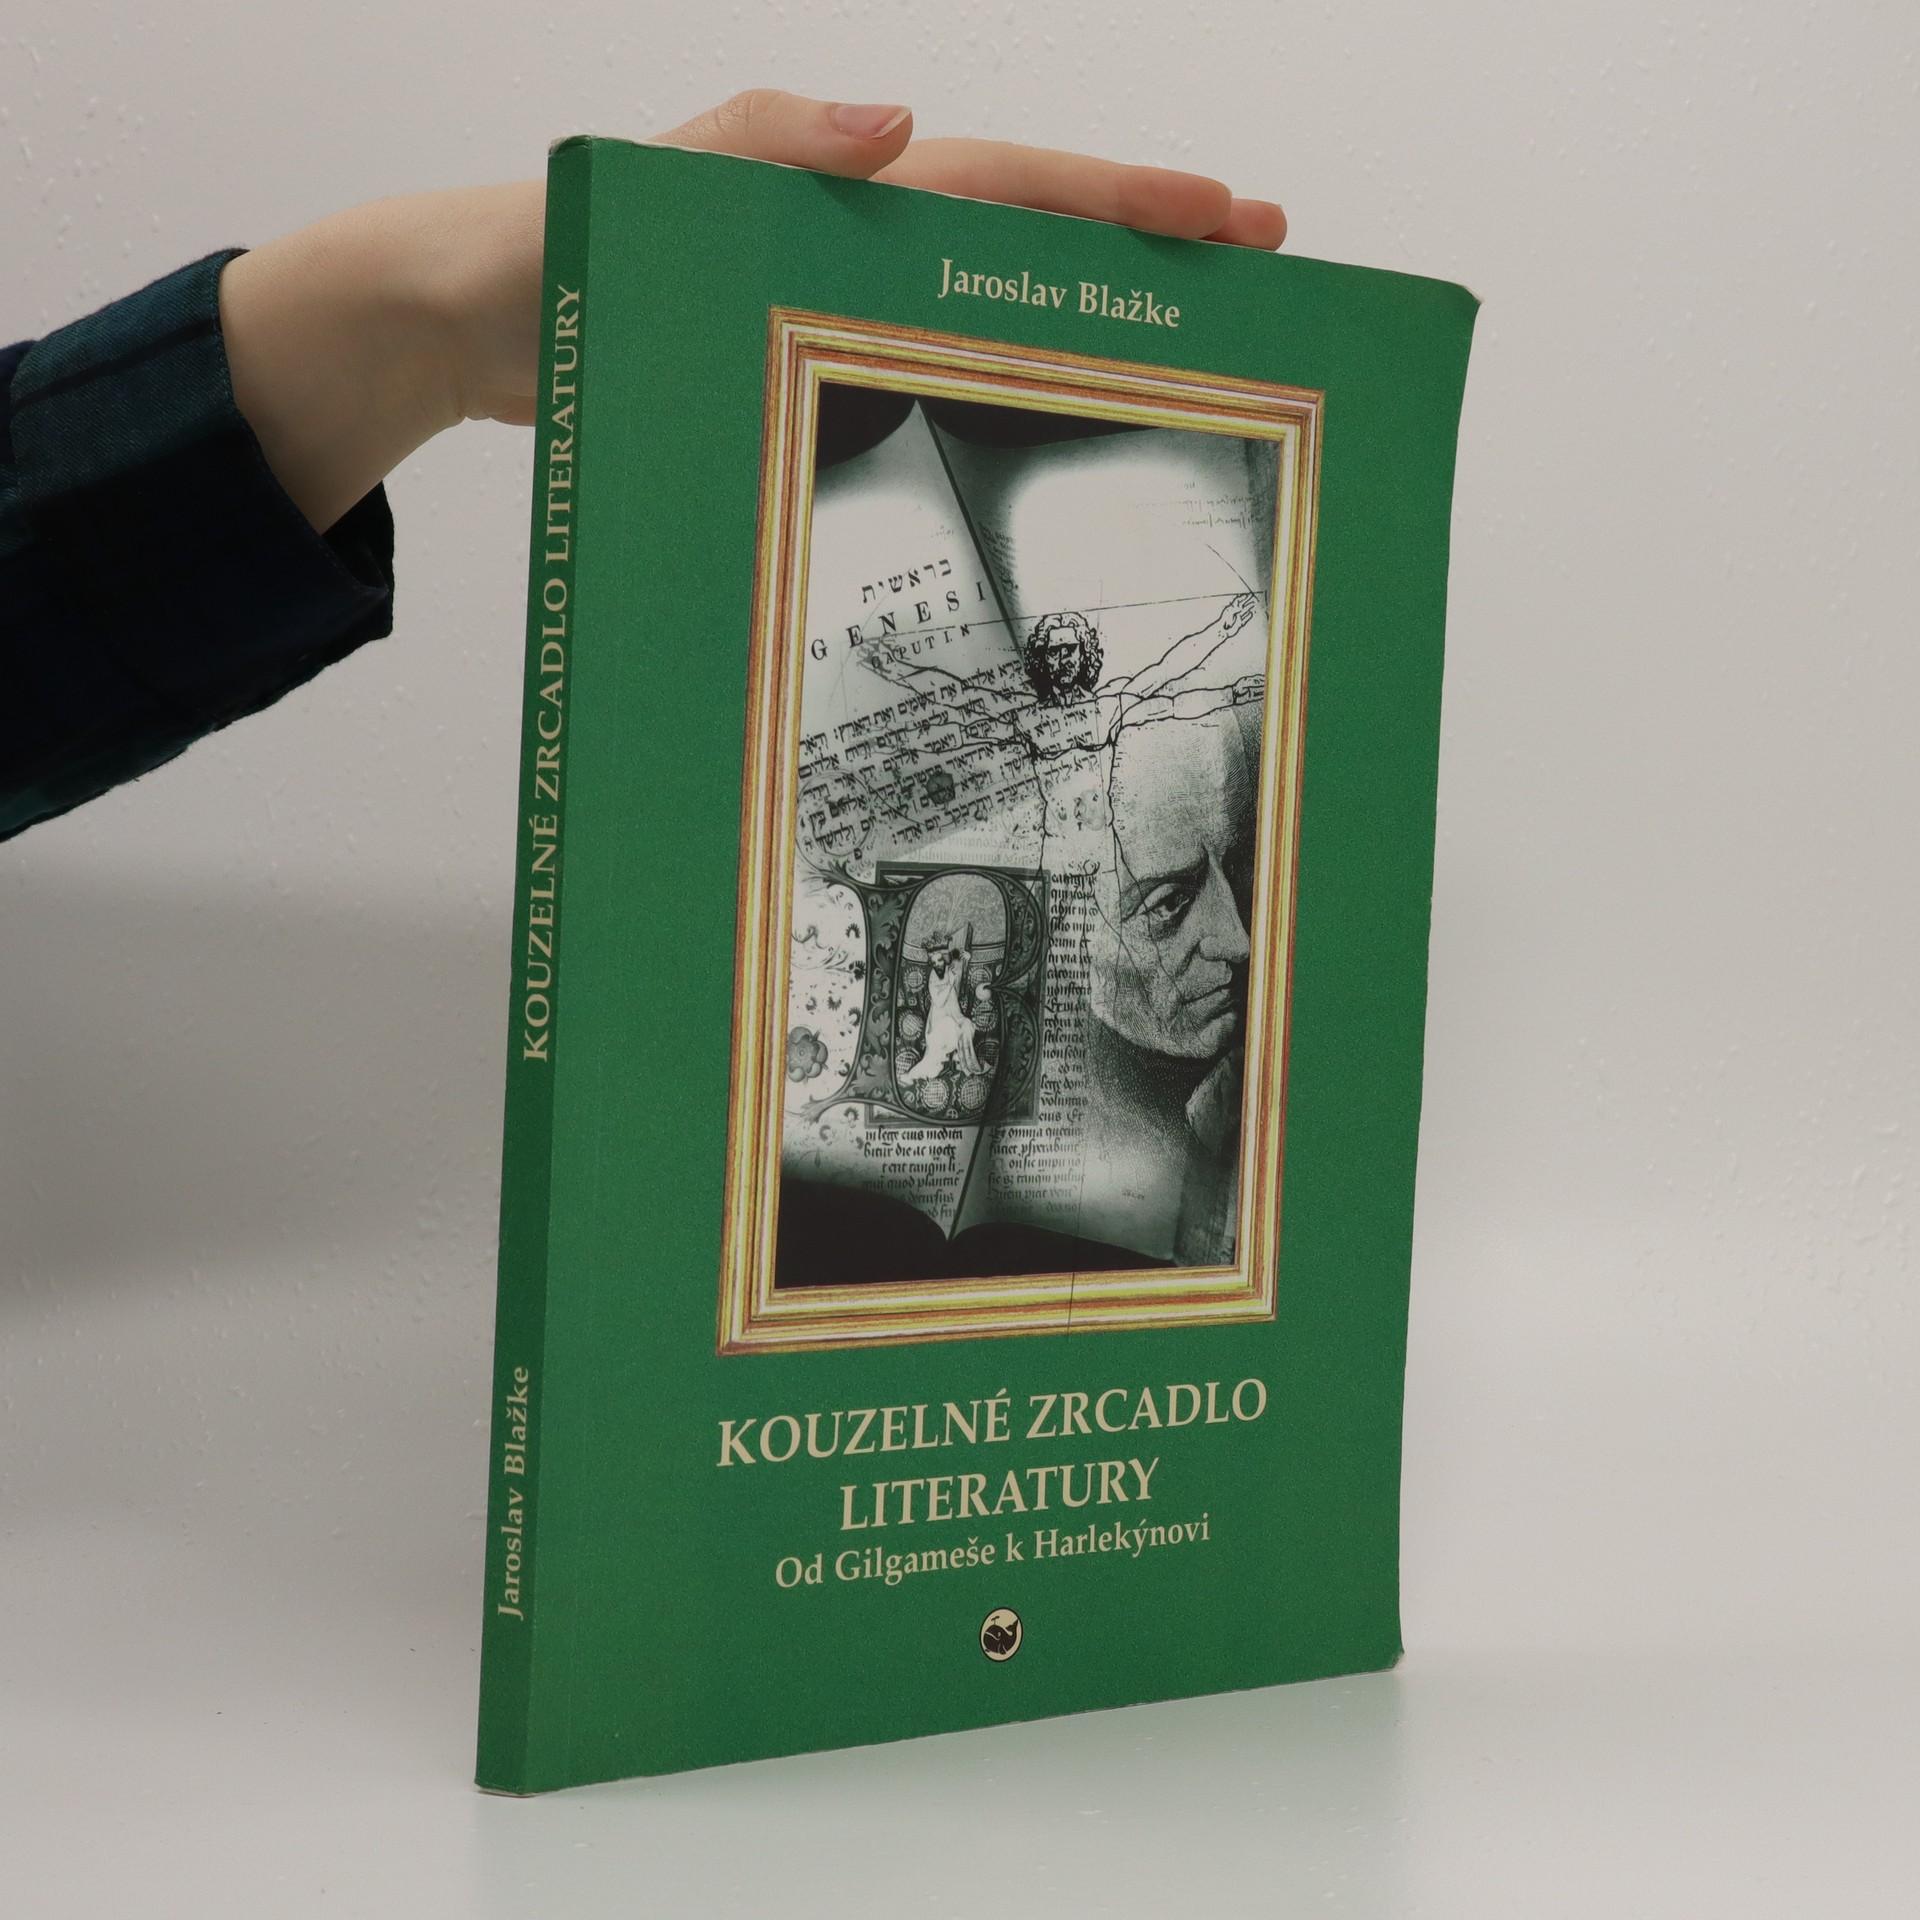 antikvární kniha Kouzelné zrcadlo literatury : od Gilgameše k Harlekýnovi, 2006